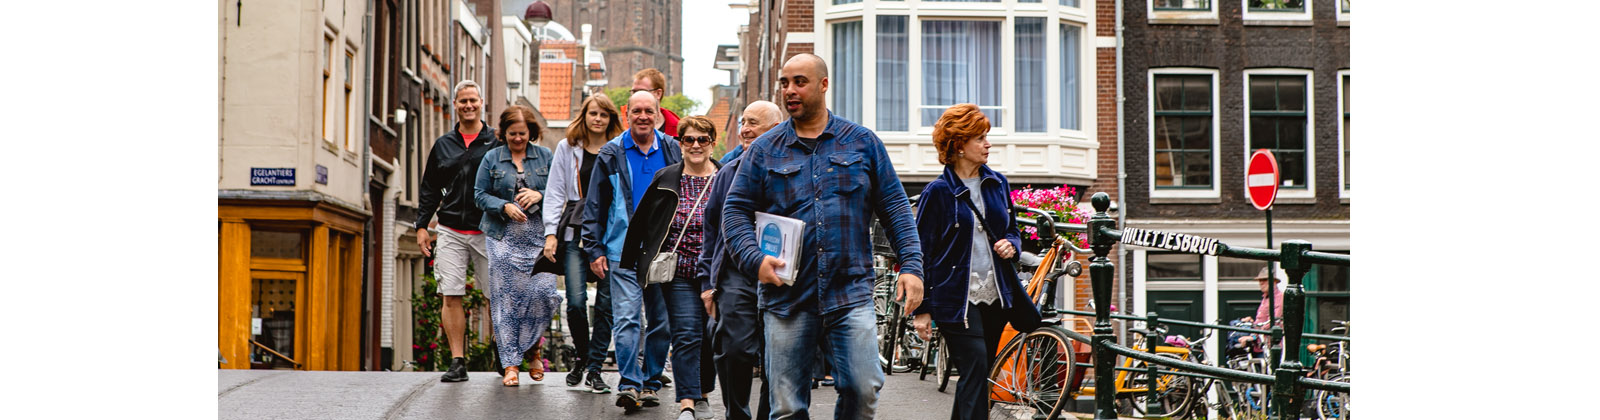 private-tour-guide-Amsterdam